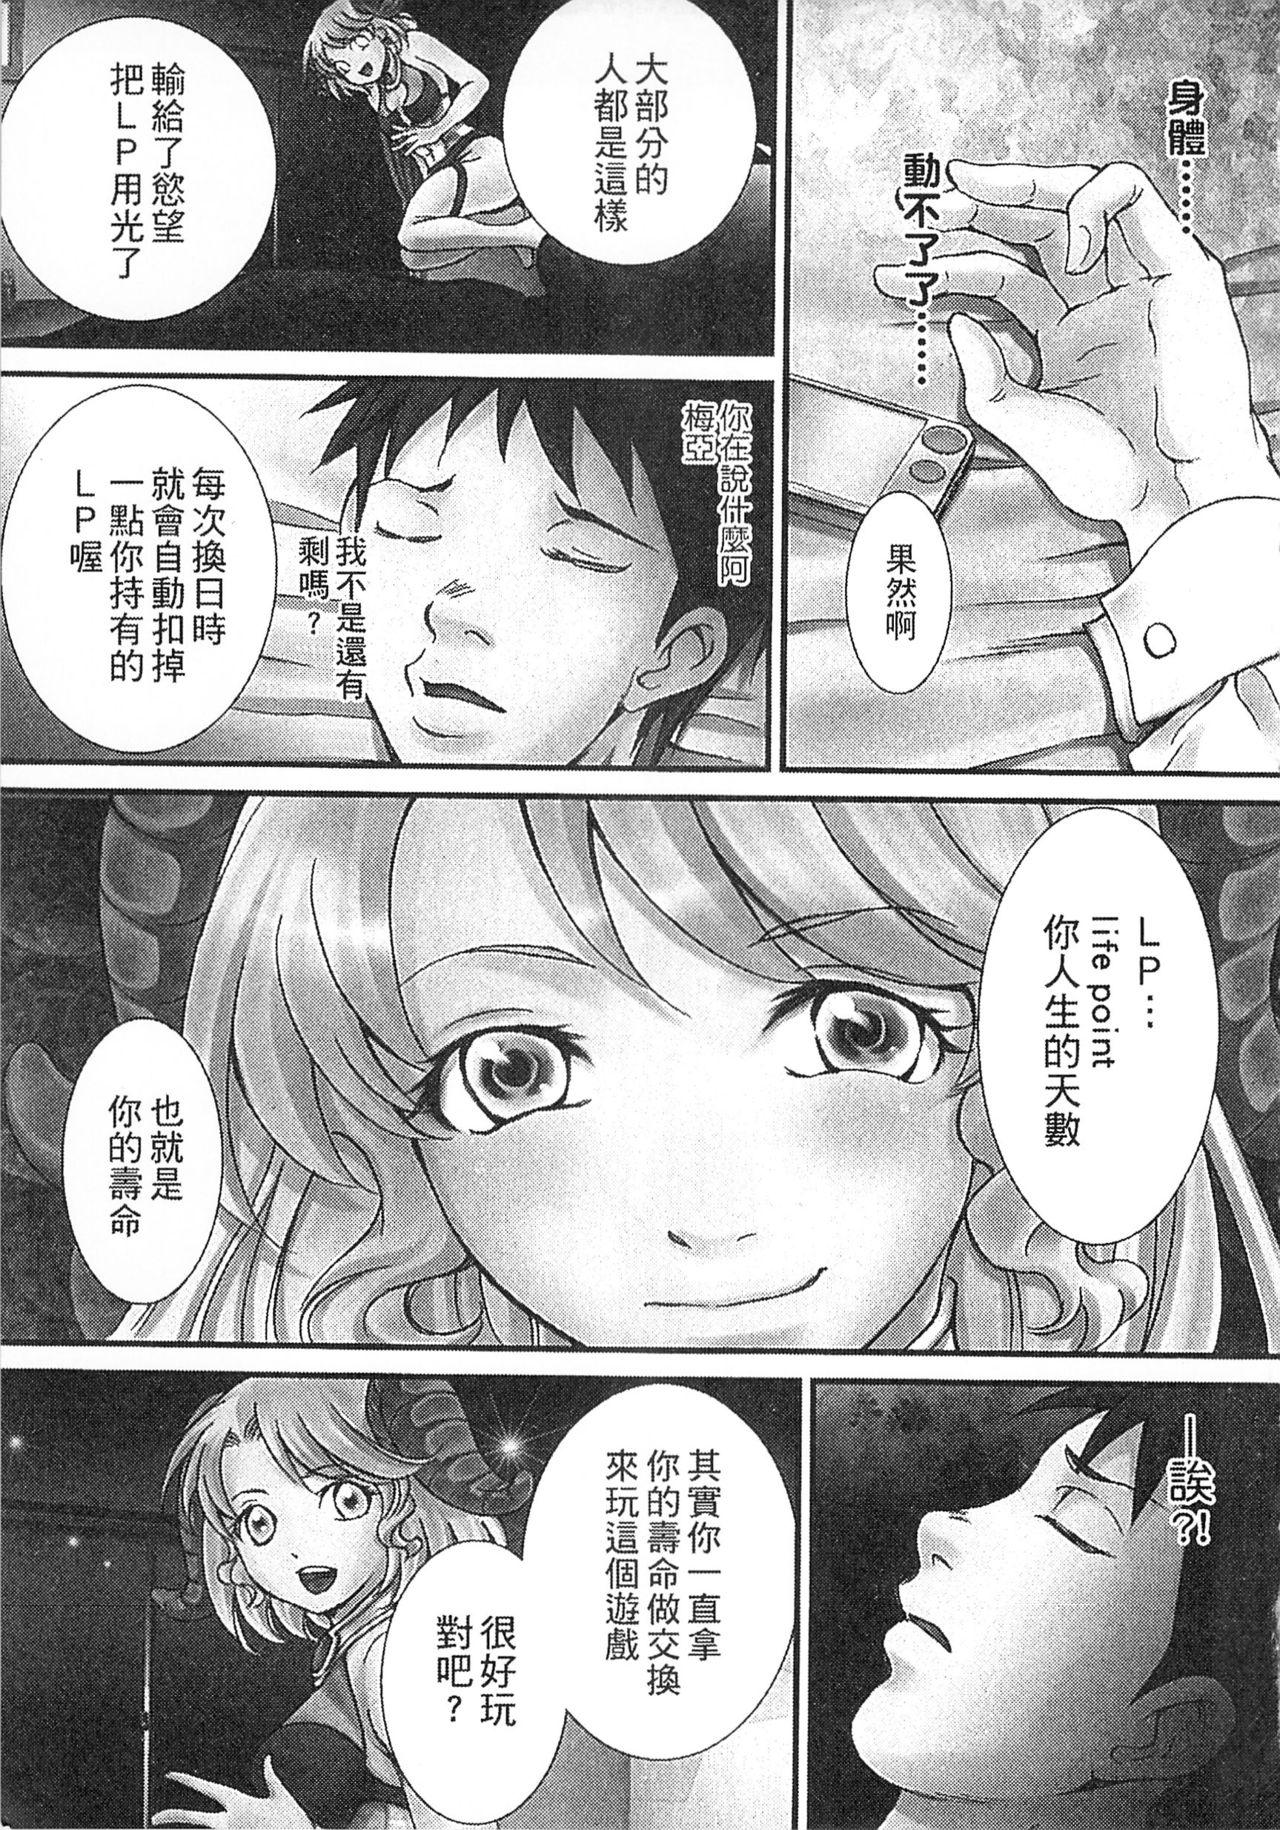 Zetsurin! Kinoko Oyaji 188